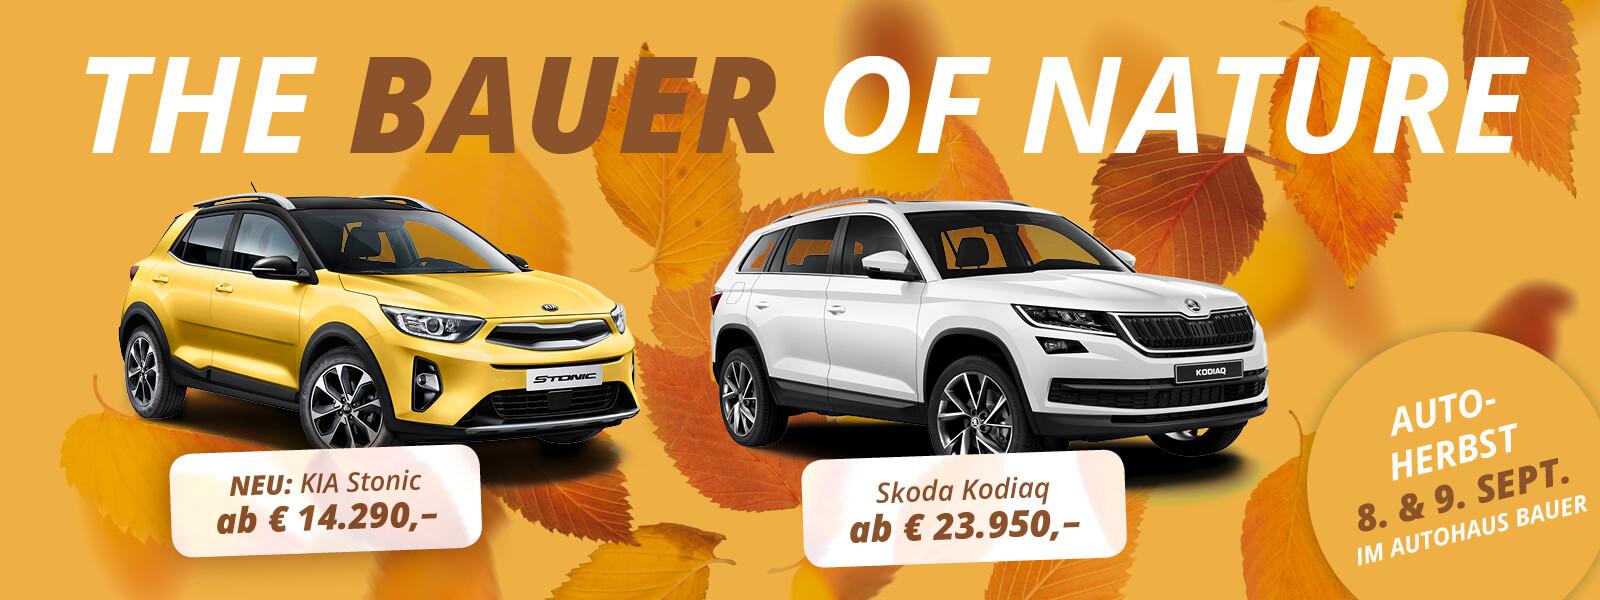 Autohaus Bauer | Skoda | Kia | Bauer of Nature - 8. & 9. September